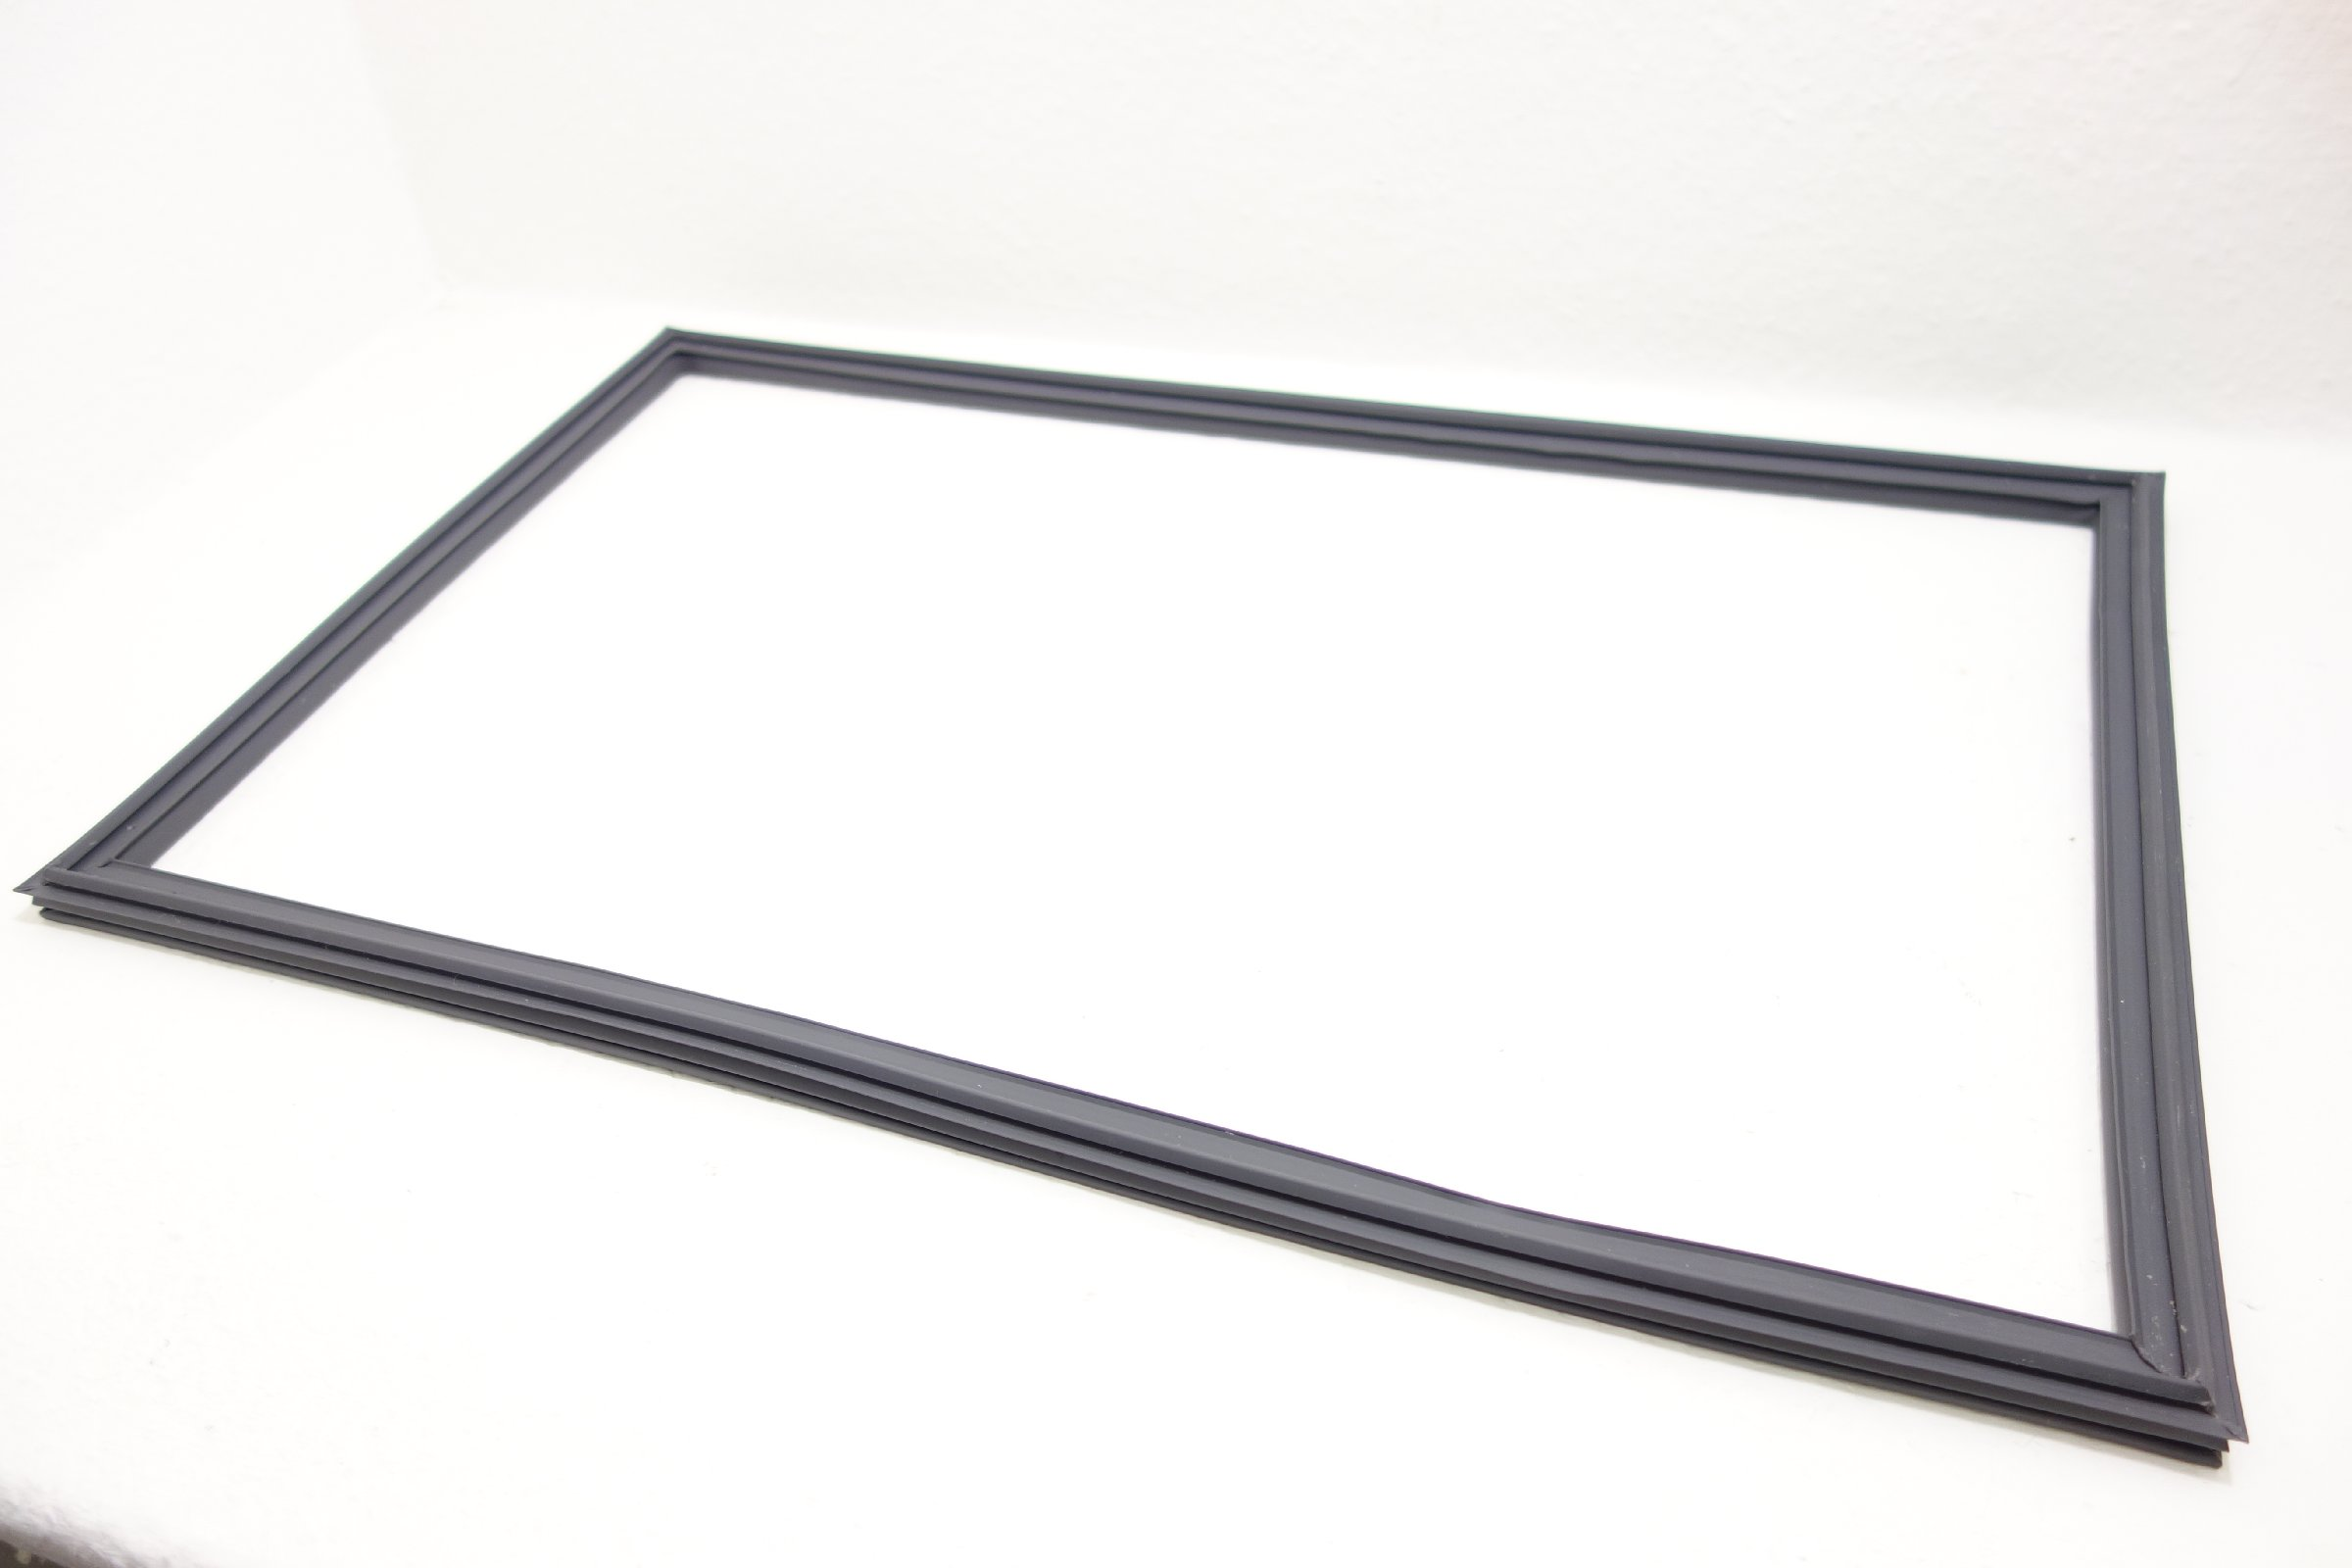 Kühlschrank Türdichtung : Türdichtung tecnodom dichtung magnetdichtung für kühltische